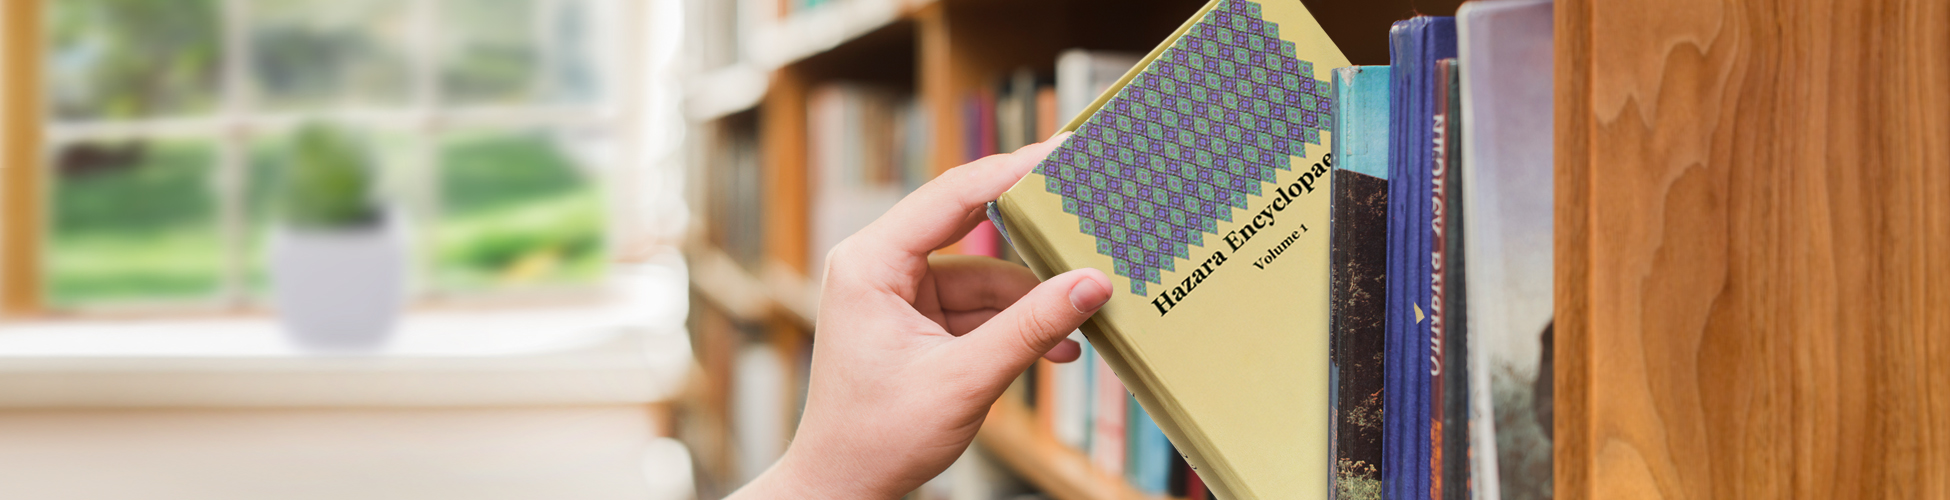 hazaranica-en-book-desktop